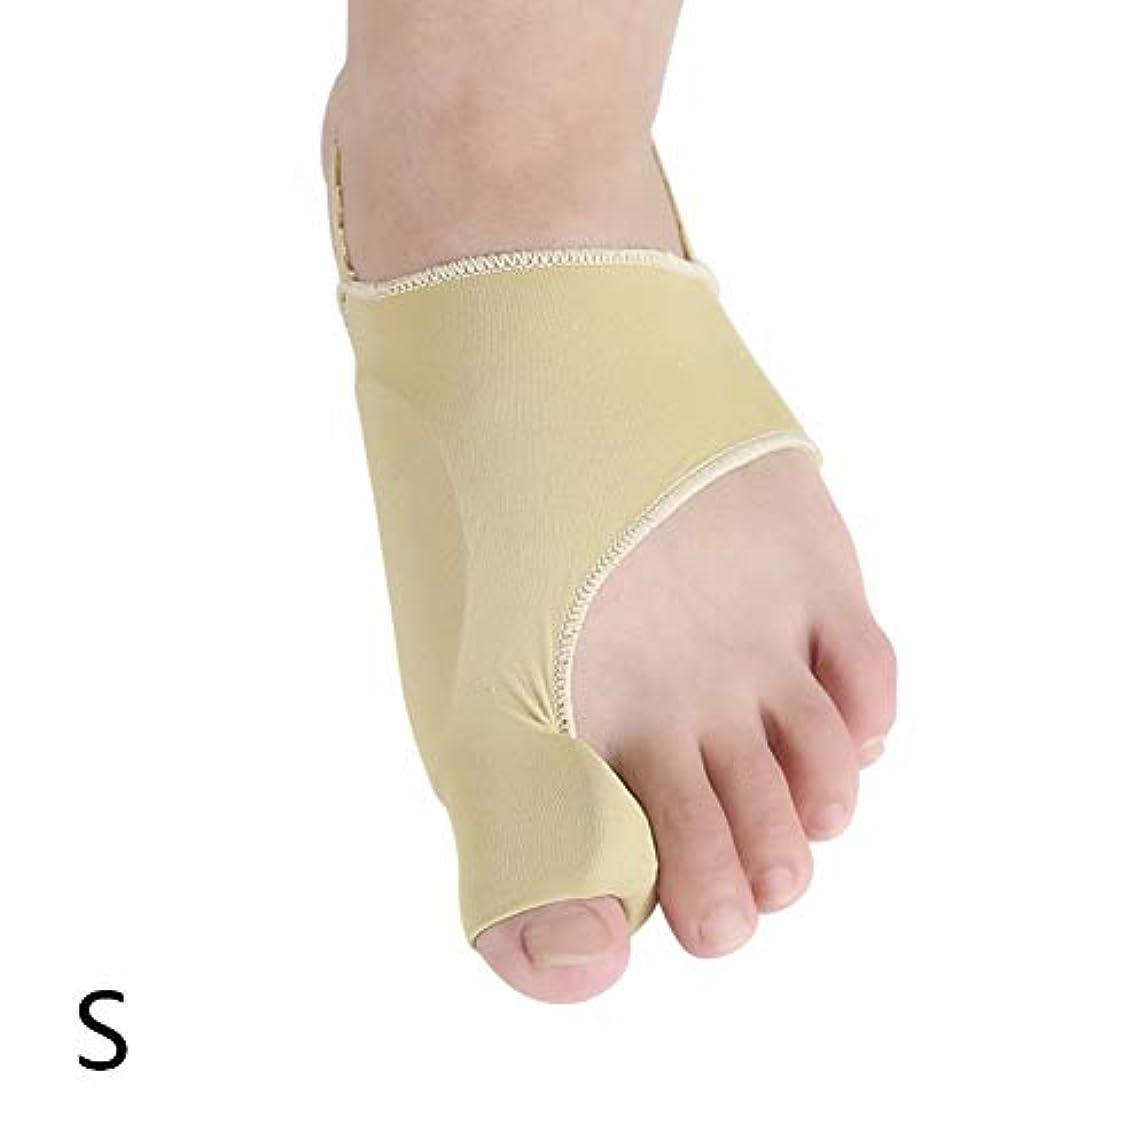 不透明なマーキングメタリックEsolom 男性と女性のつま先プロテクター 親指外反矯正 大骨矯正ベルト つま先セパレーター 毎日の使用 つま先の分離保護 フットケアツール